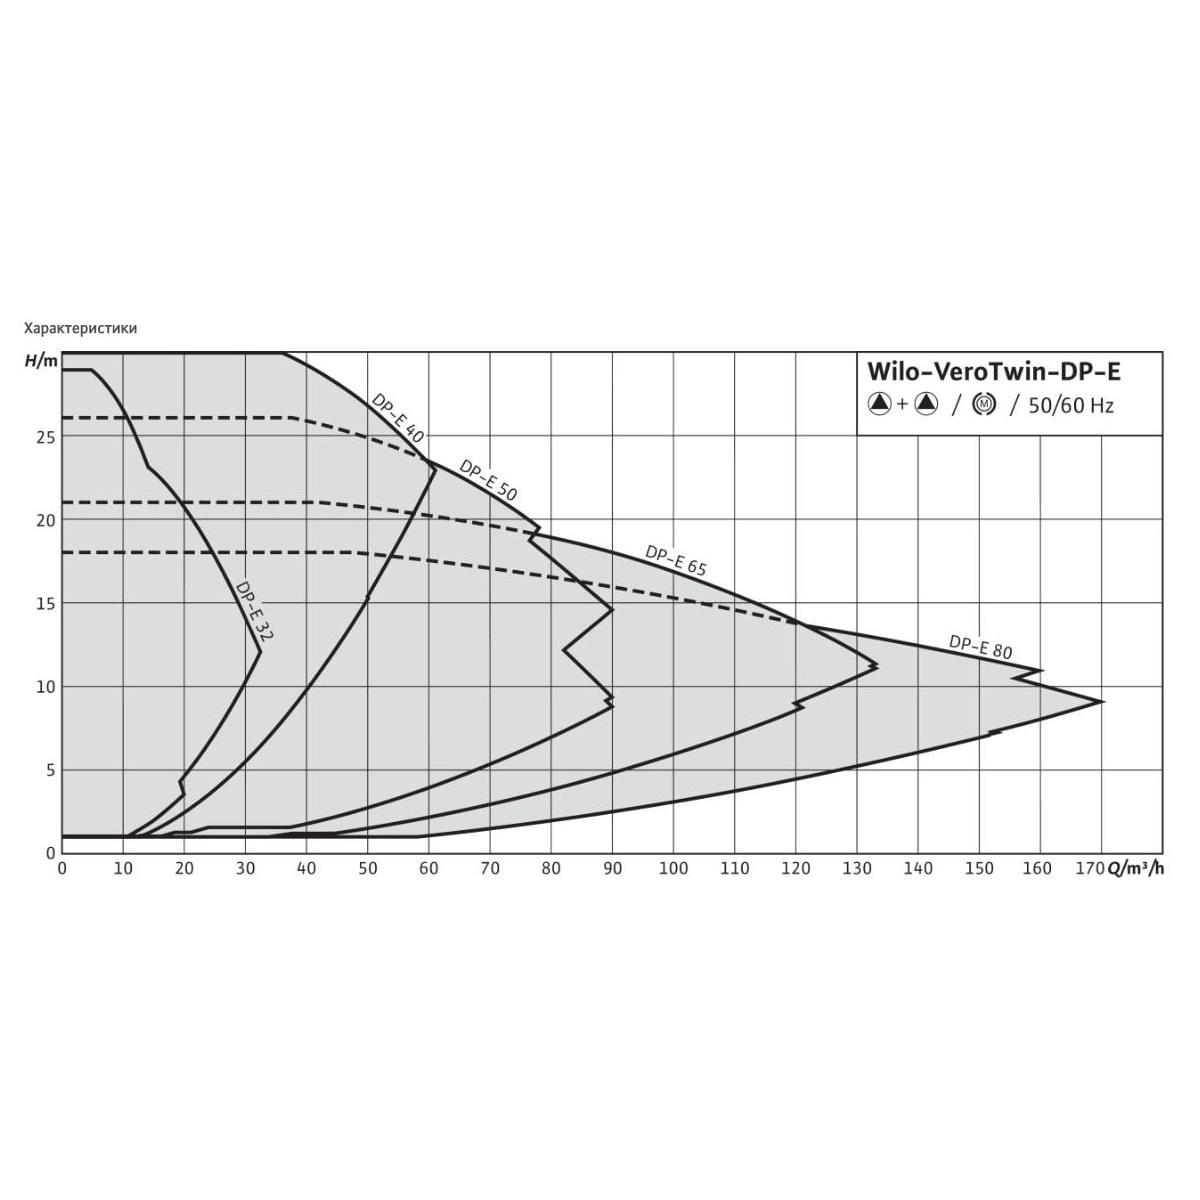 Общий график рабочих характеристик серии насосов VeroTwin DP-E